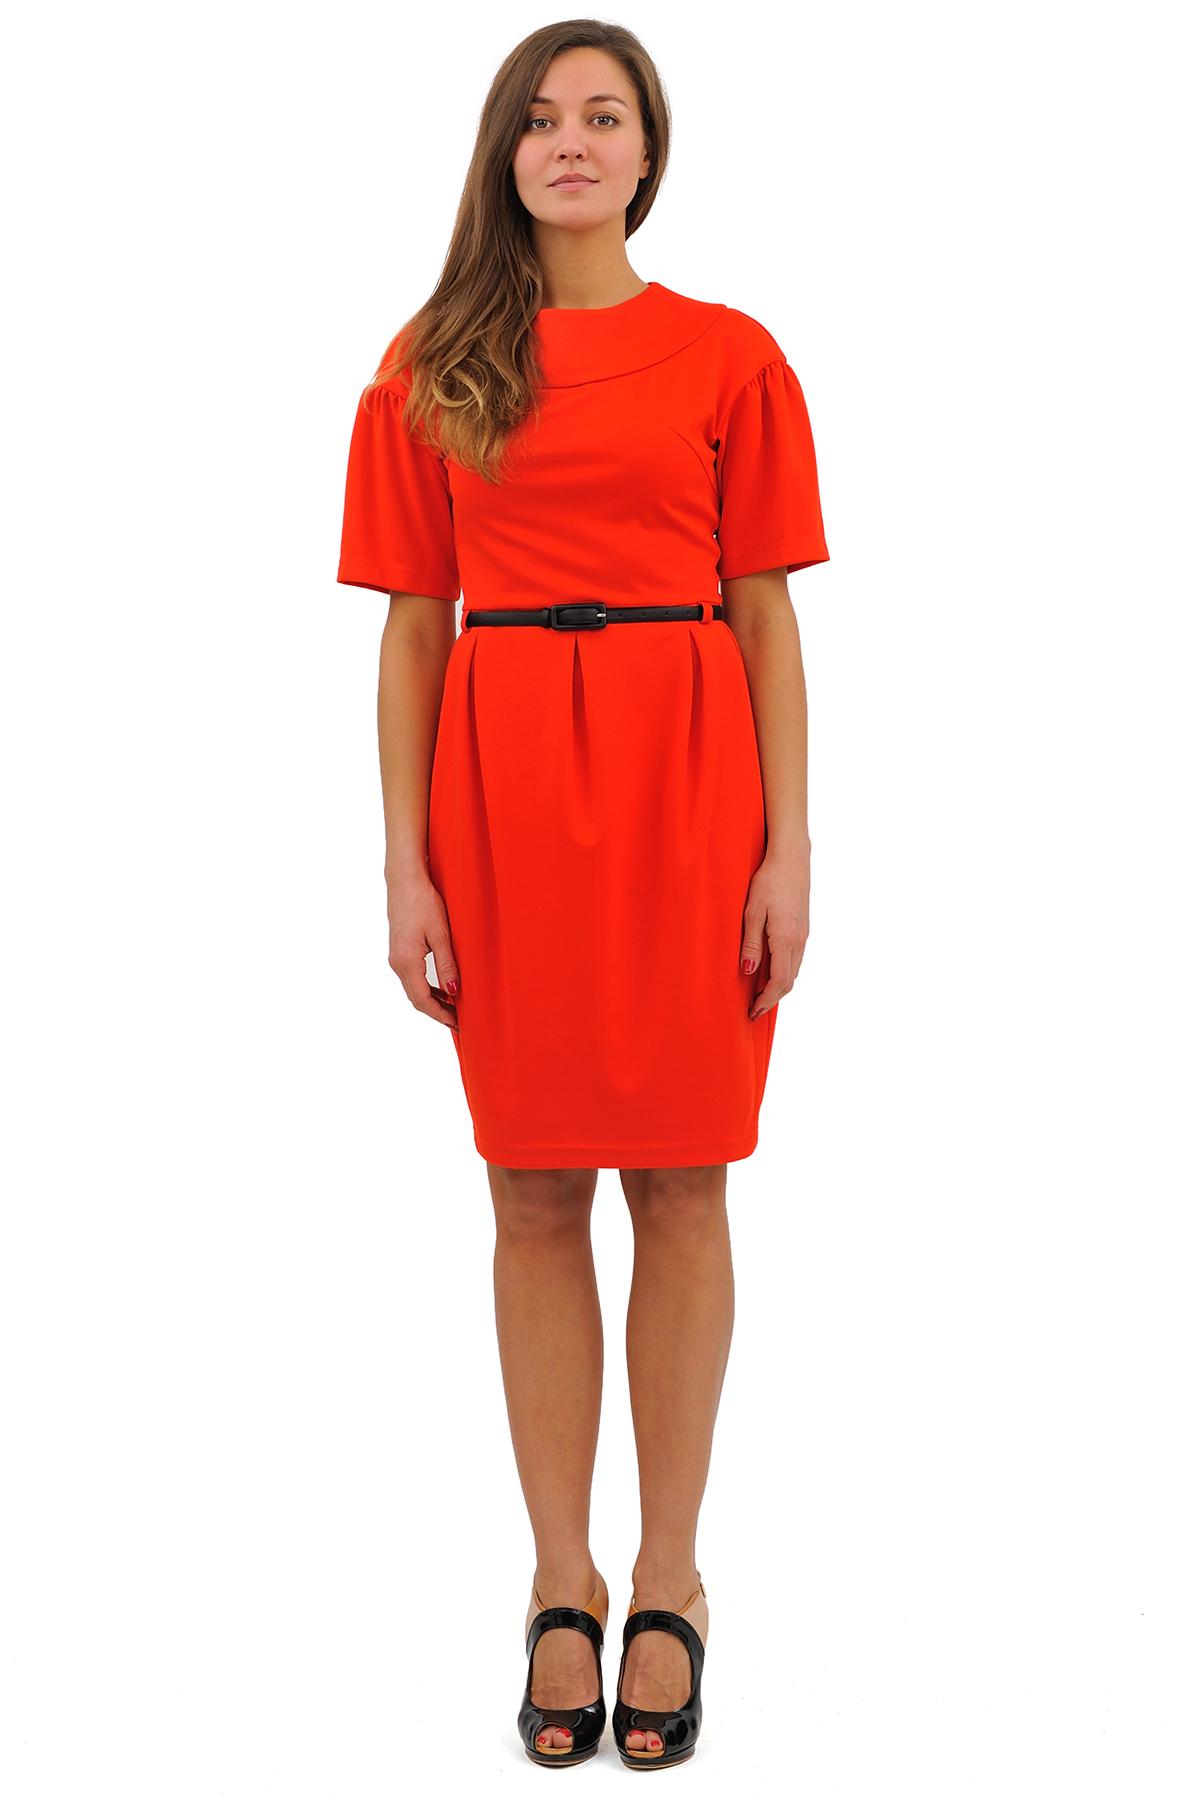 ПлатьеПлатья,  сарафаны<br>Выбирая платье на каждый день, остановите свой выбор на этом симпатичном и стильном изделии. Приталенный силуэт выгодно подчеркнет достоинства Вашей фигуры. Прекрасный вариант для модных женщин, желающих подчеркнуть свою индивидуальность и хороший вкус.<br><br>Цвет: красный<br>Состав: 60% вискоза, 35% полиэстер, 5% лайкра<br>Размер: 42,44,46,48,50,52,54,56,58<br>Страна дизайна: Россия<br>Страна производства: Россия